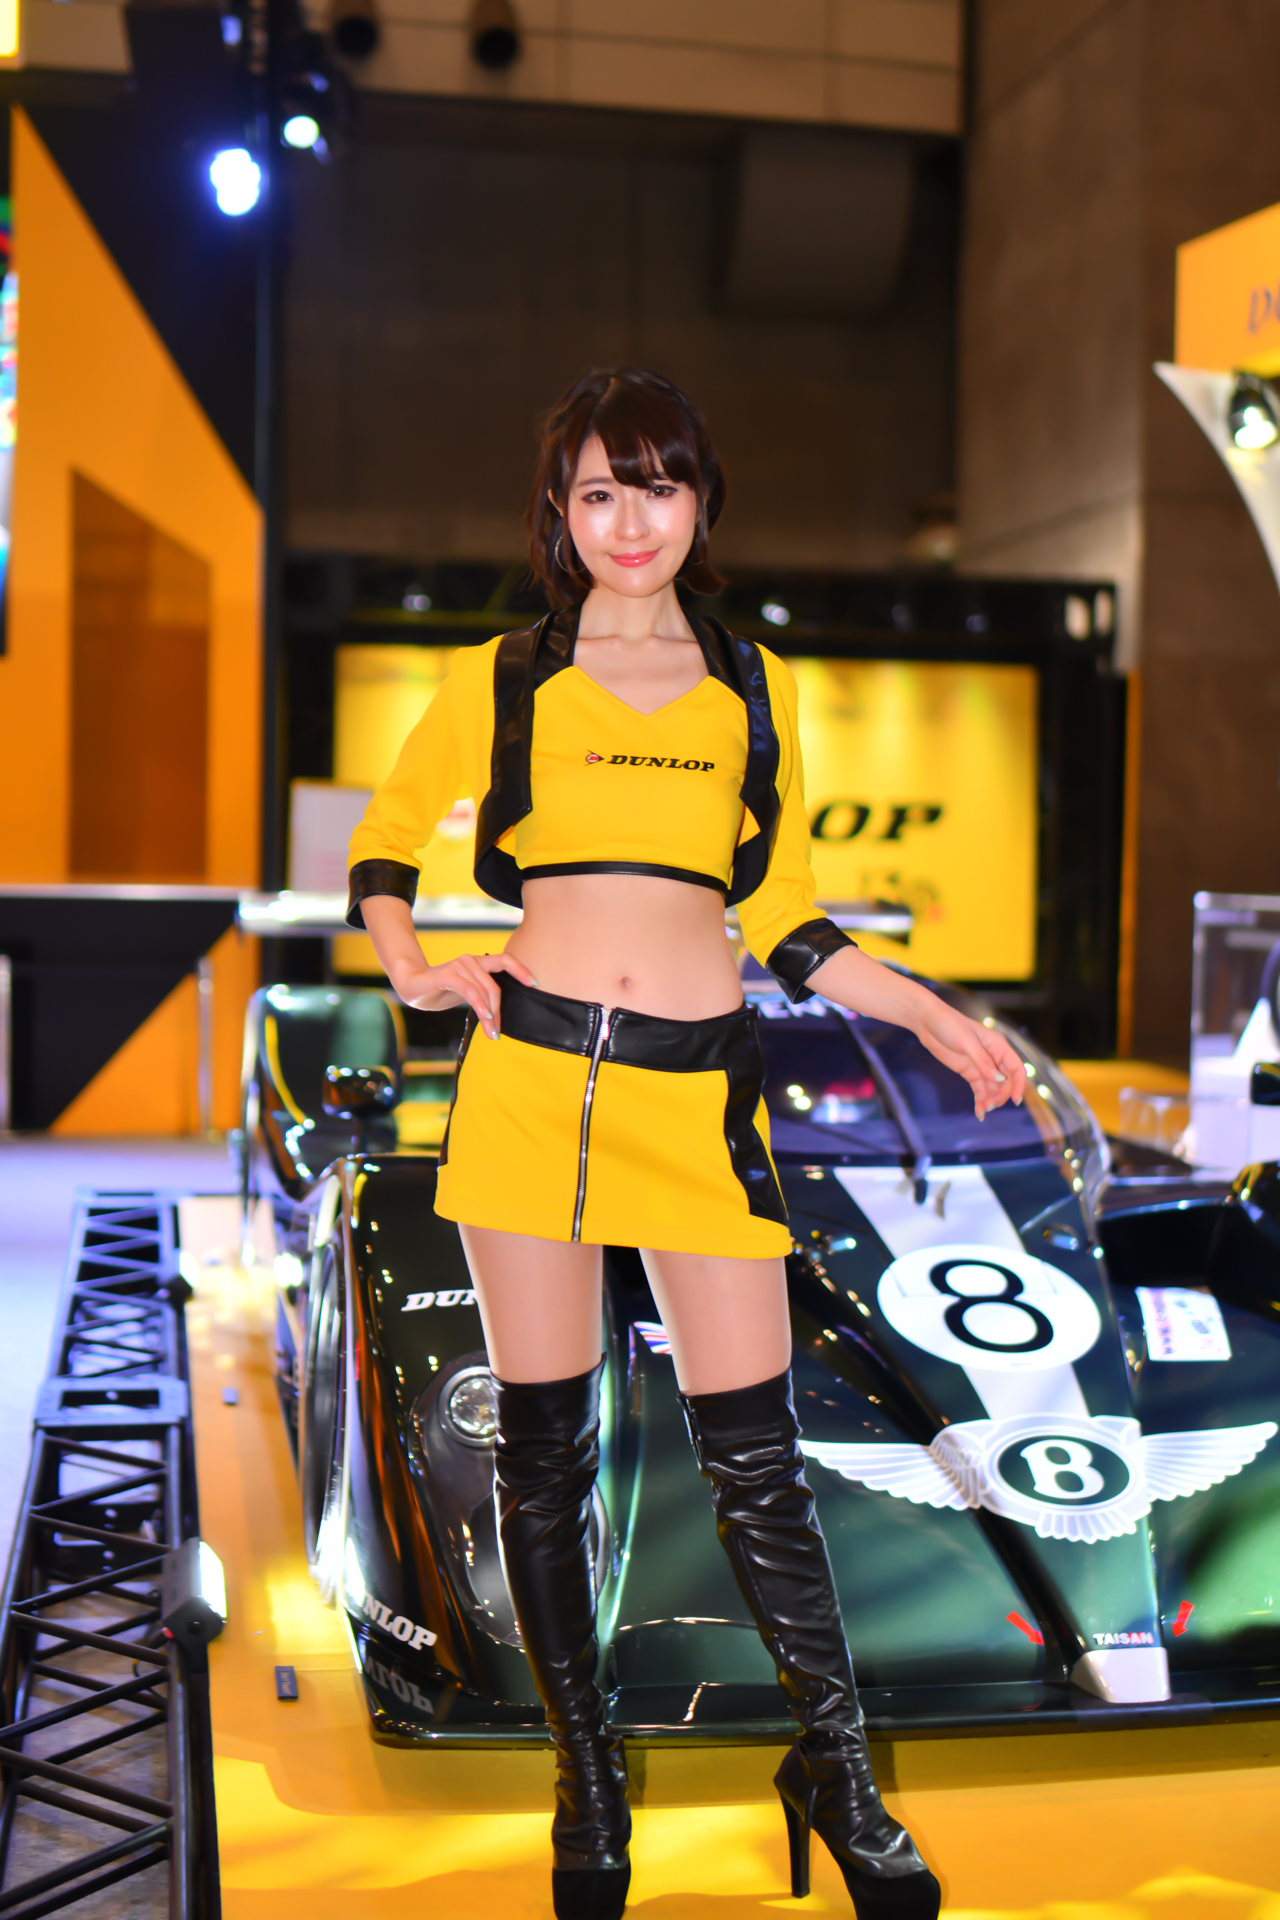 東京オートサロン 2018 コンパニオン